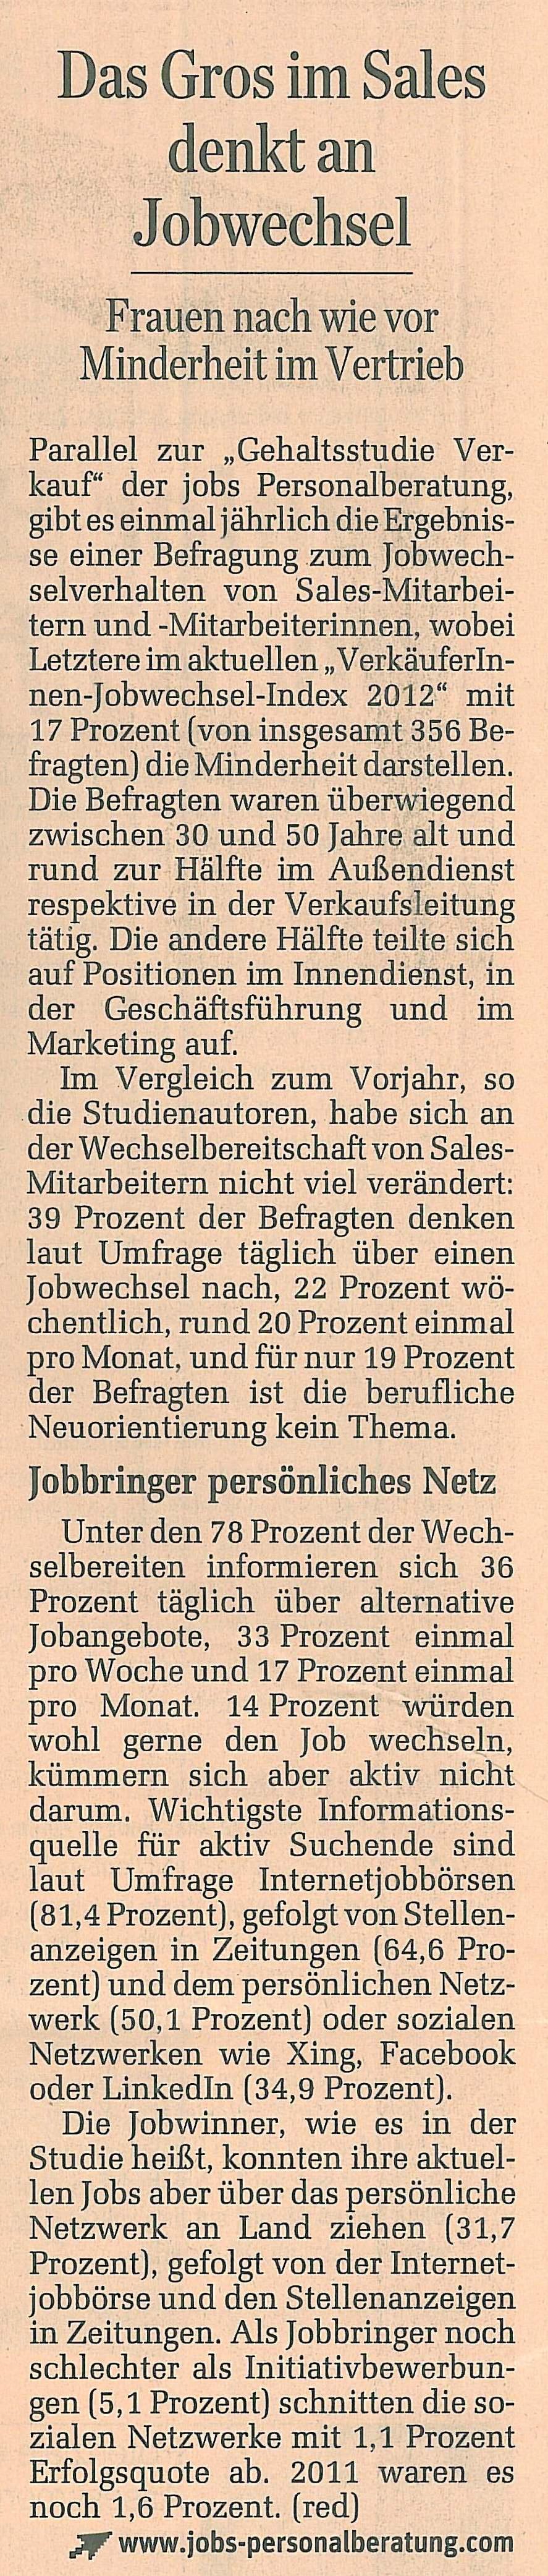 Das Gros im Sales denkt an Jobwechsel Standard 13./14.10.2012